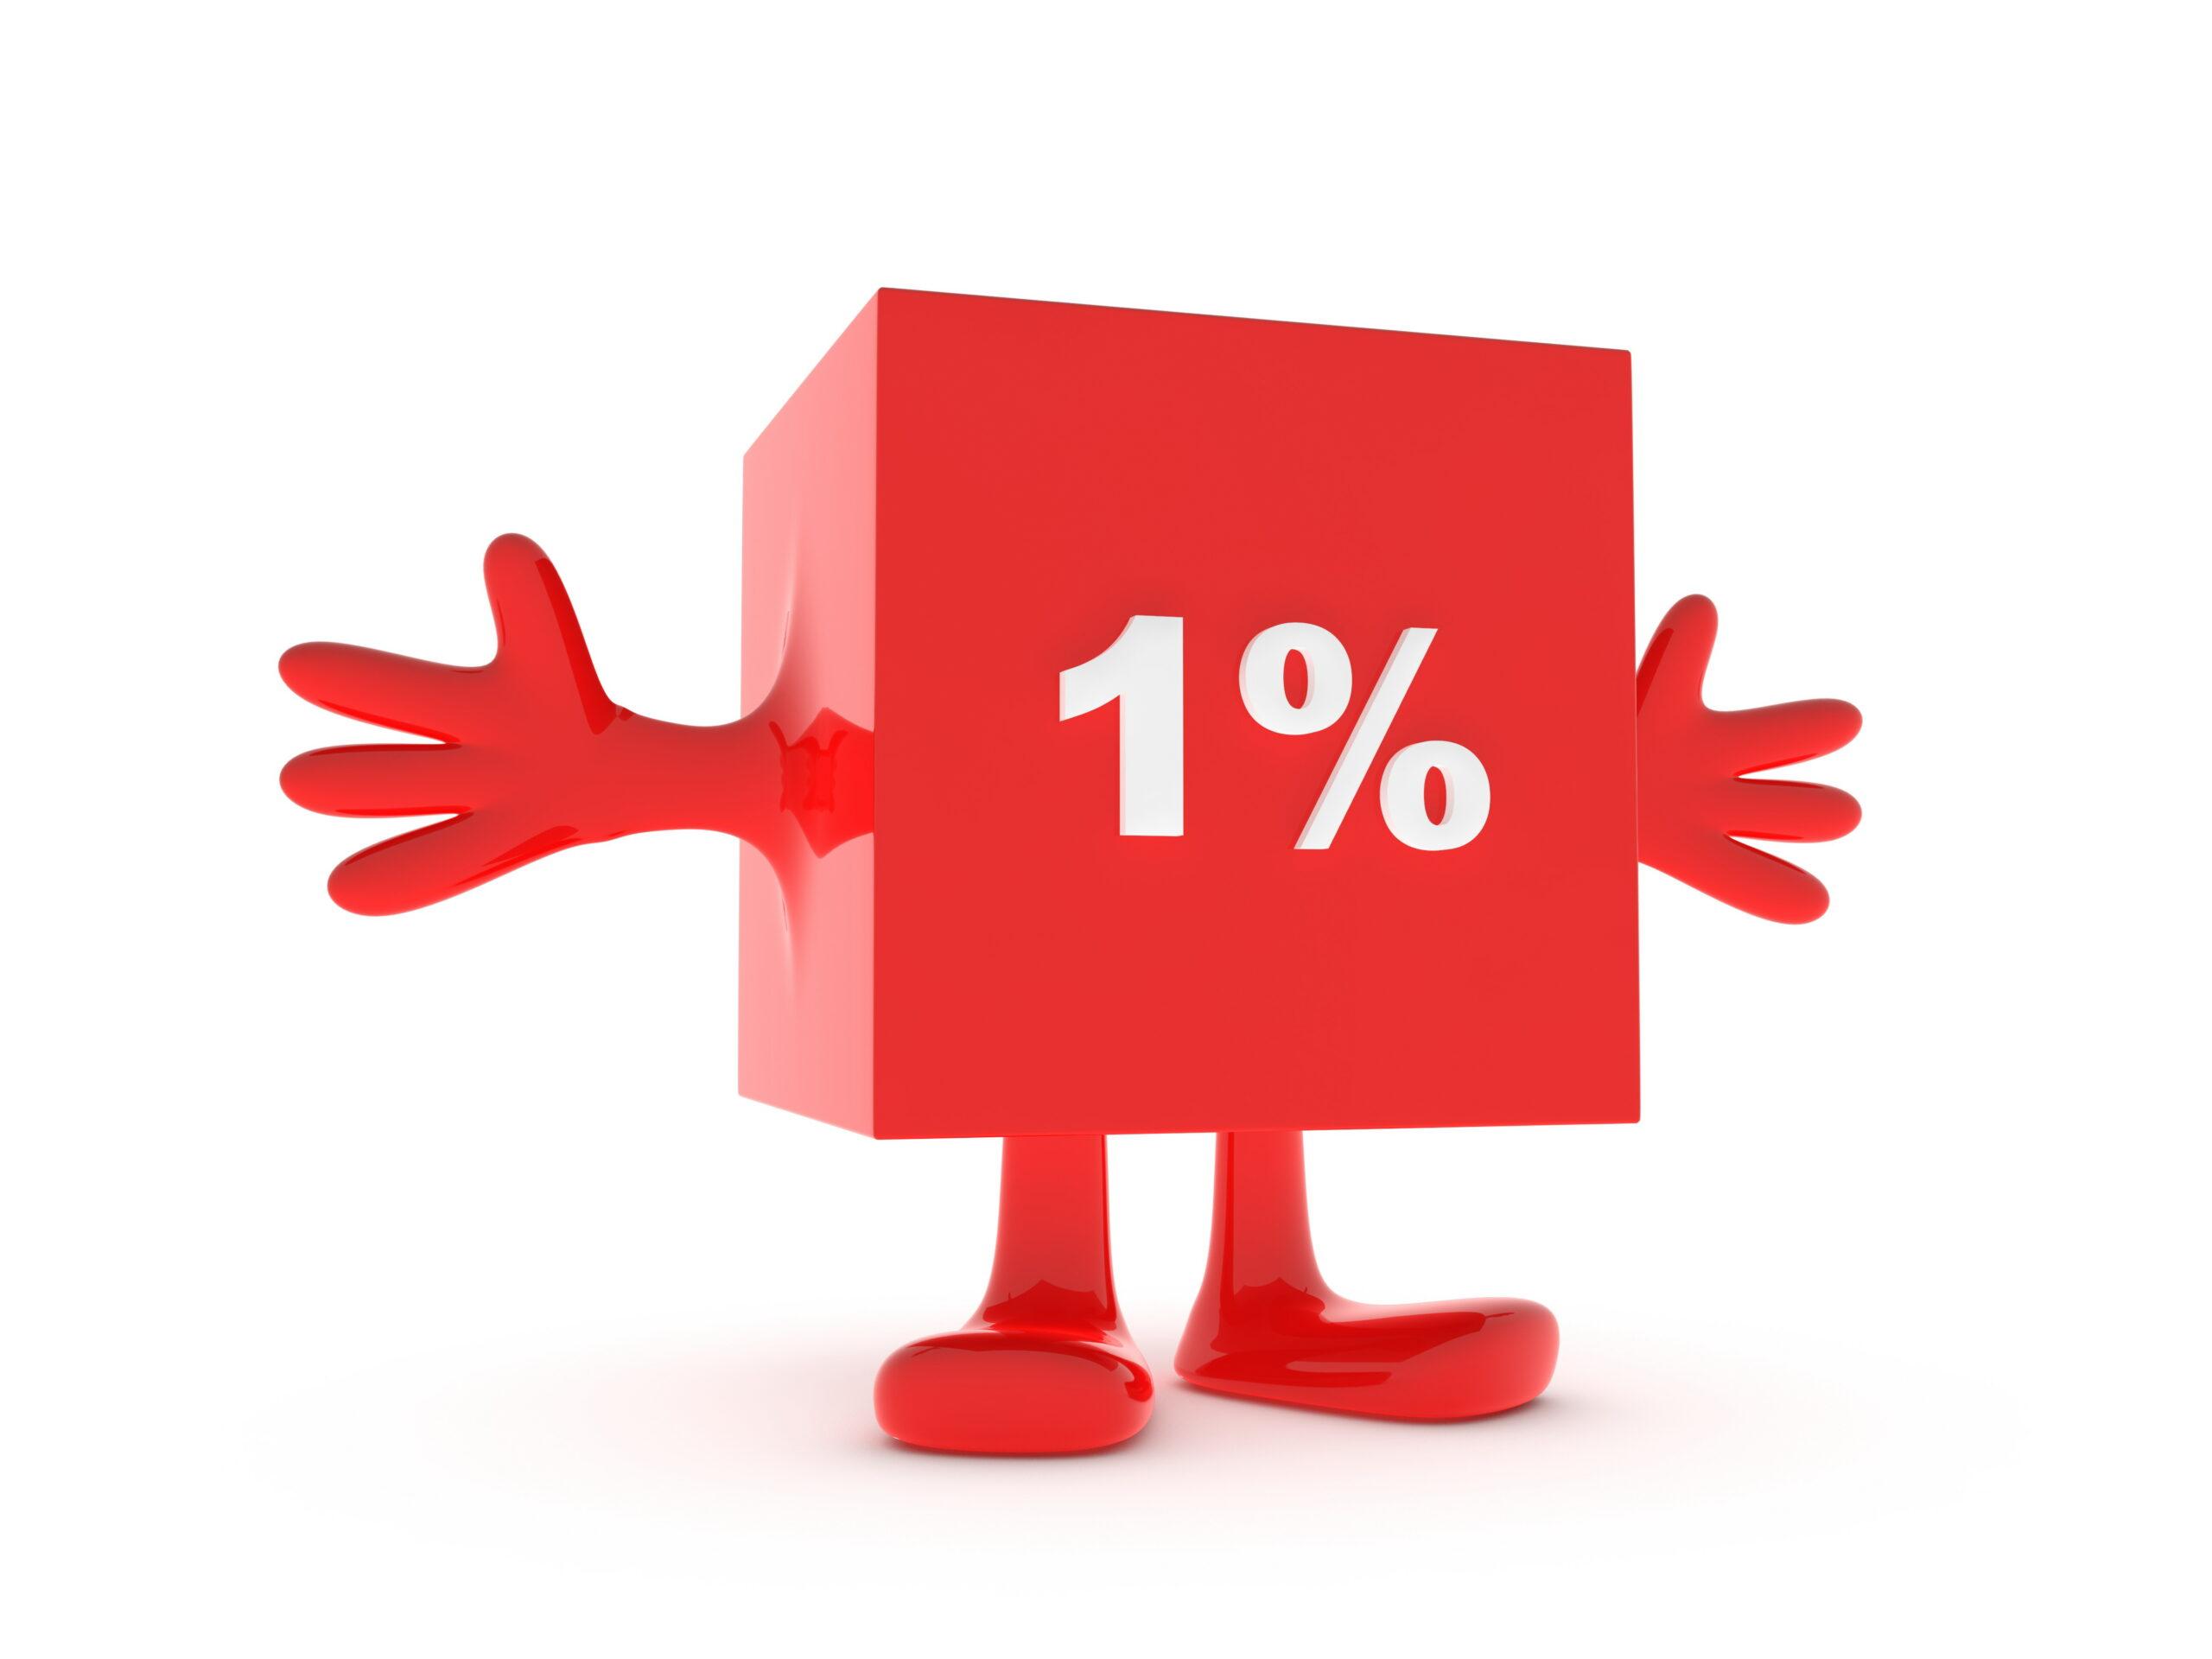 Podziel się jednym procentem podatku. Pomnożony przez miliony podatników daje pokaźną sumę